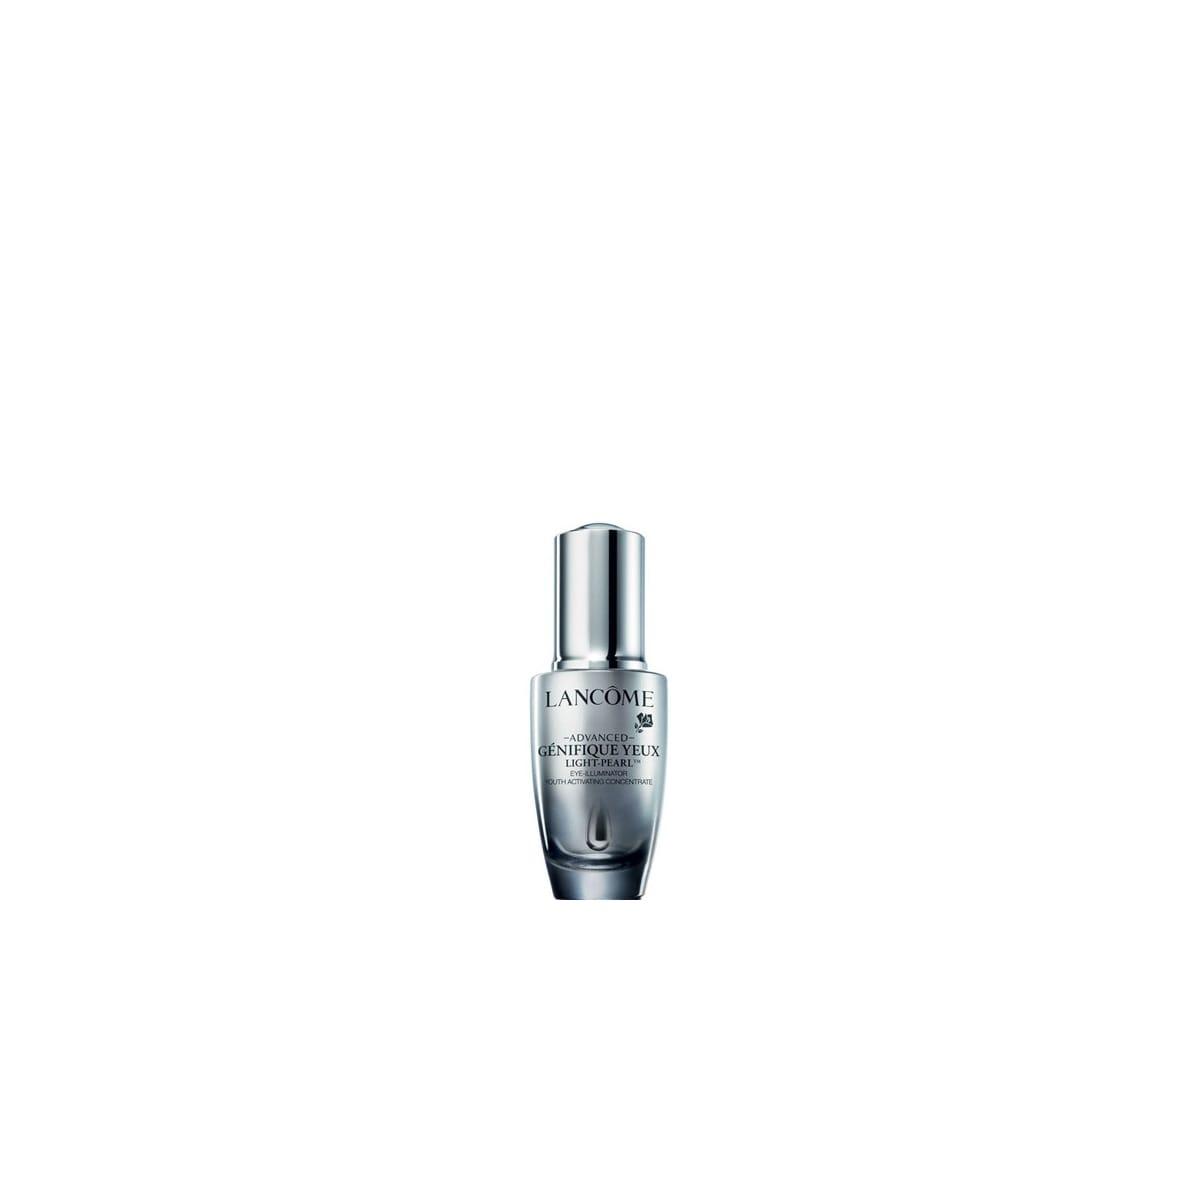 Advanced G 233 Nifique Yeux Light Pearl De Lanc 212 Me